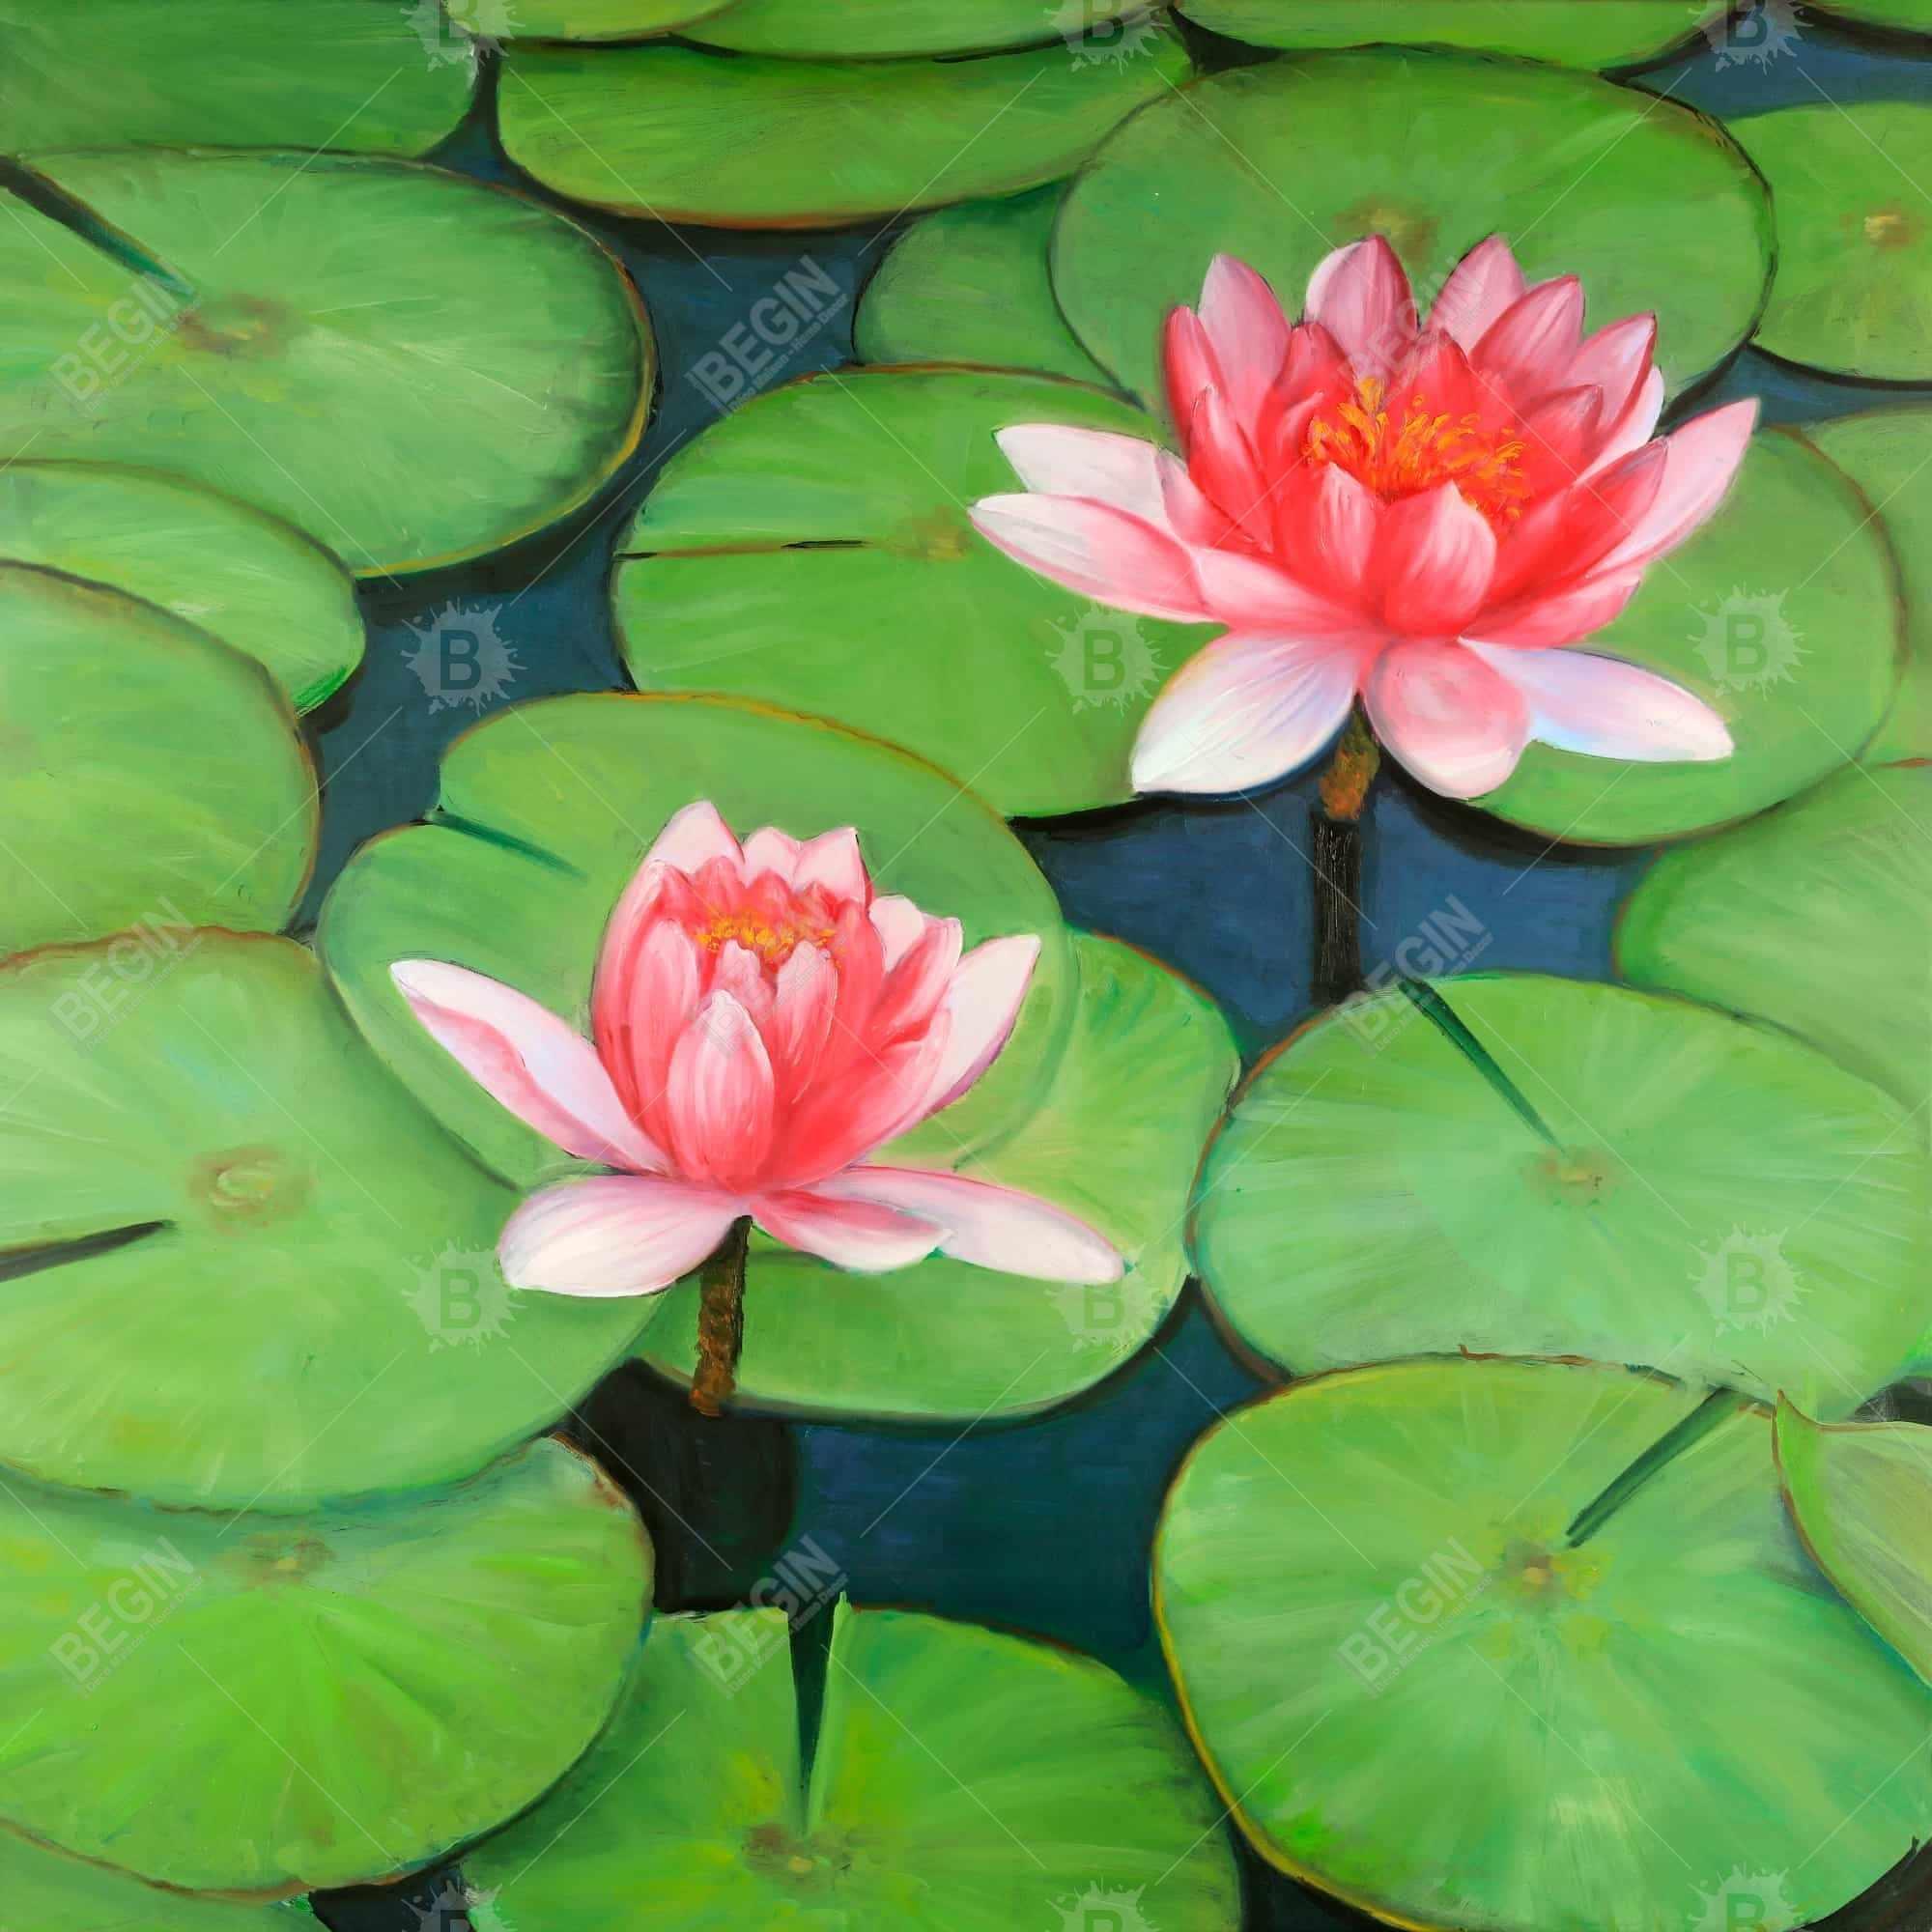 Lotus flowers in a swamp